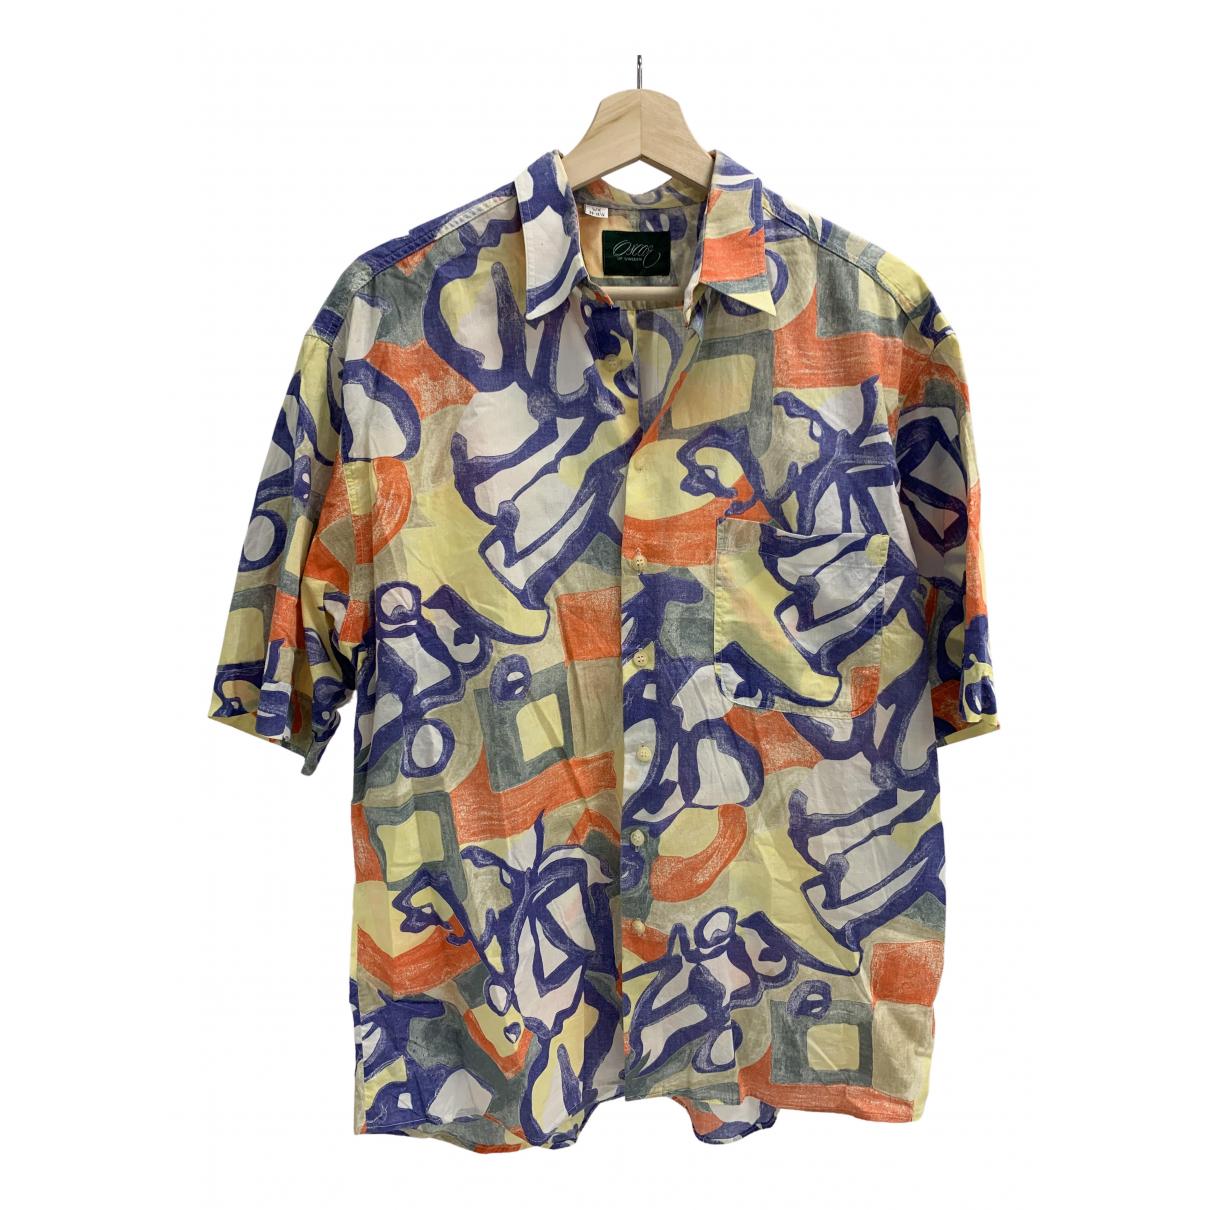 Non Signé / Unsigned N Multicolour Cotton Shirts for Men 39 EU (tour de cou / collar)